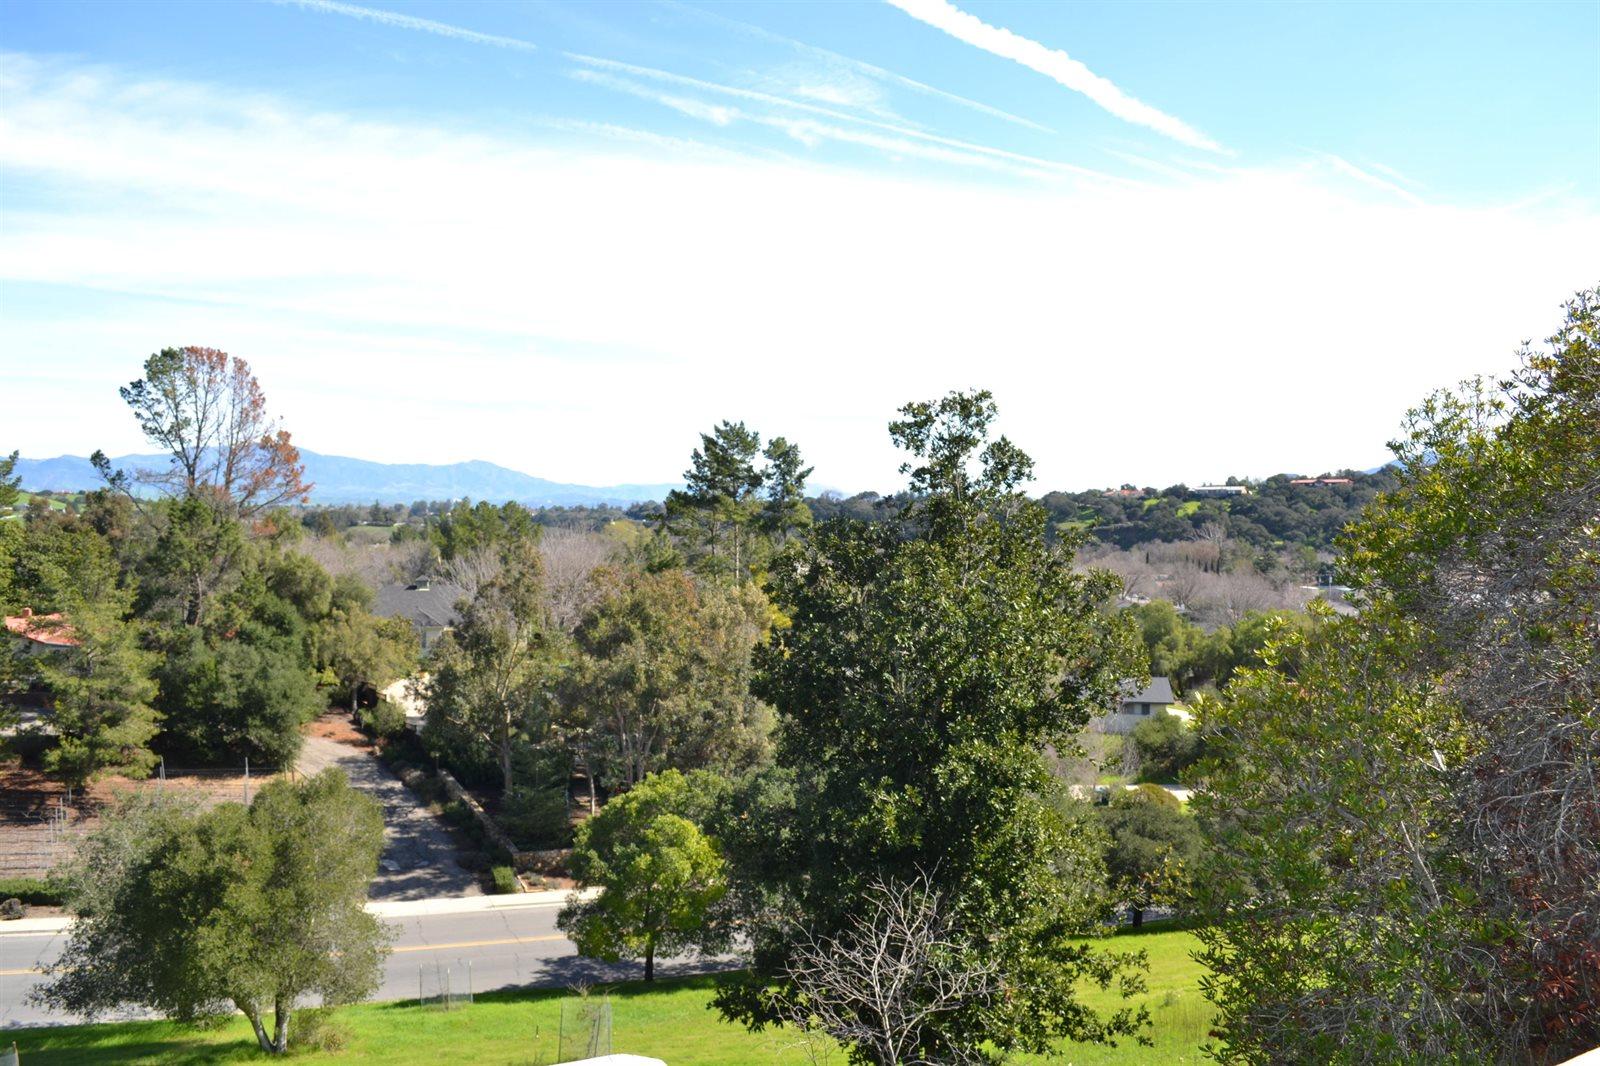 736 Hillside Dr, Solvang, CA 93463